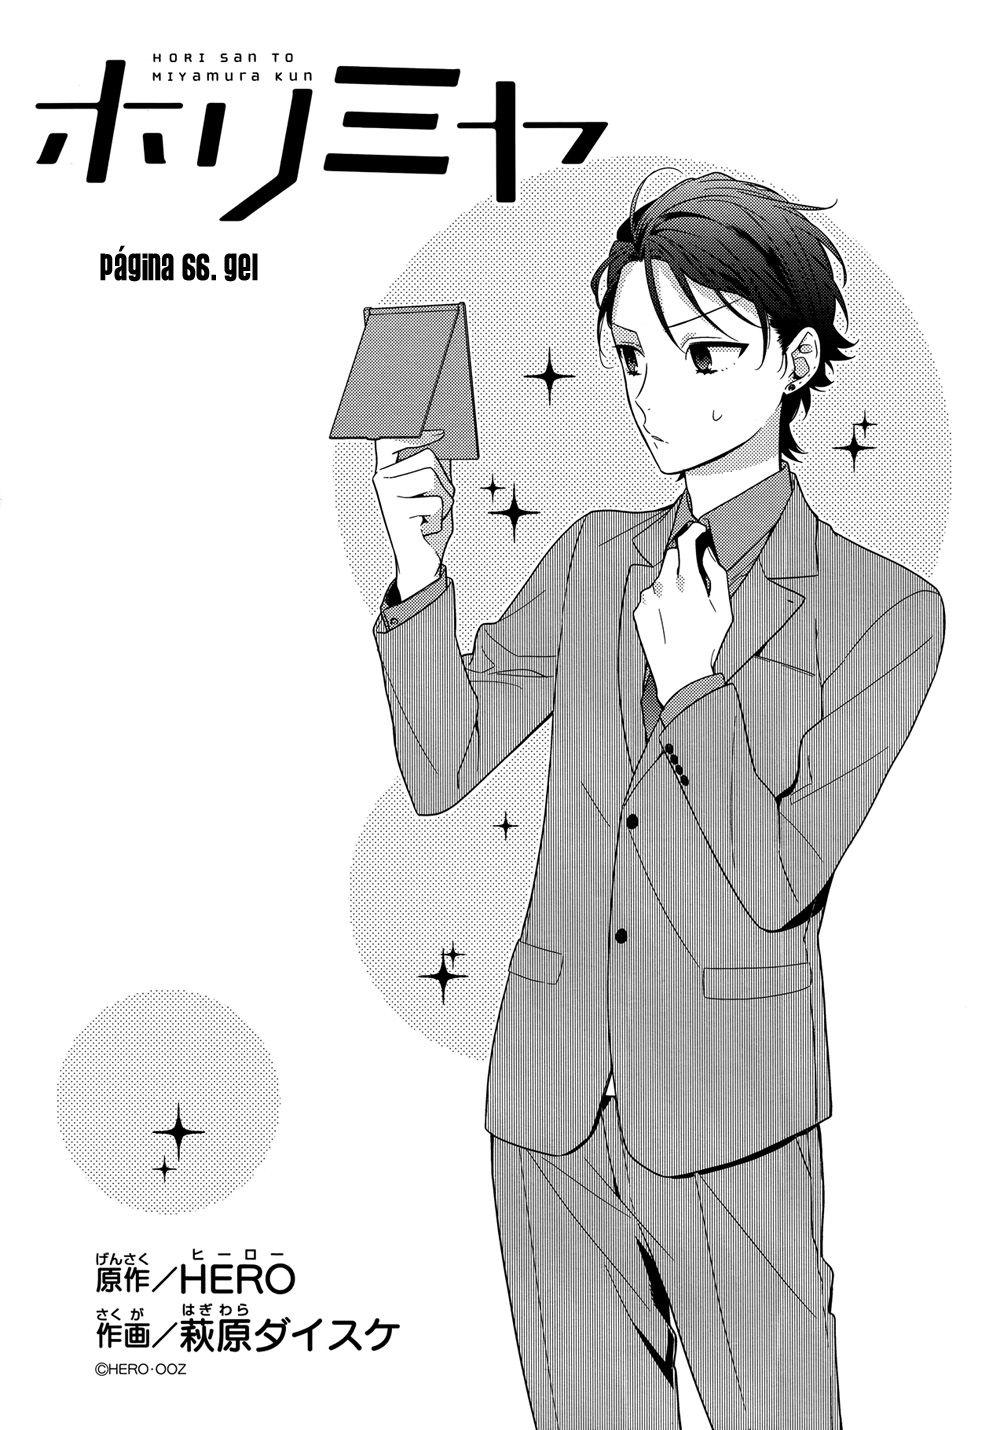 http://c5.ninemanga.com/es_manga/19/1043/479984/4d5d6268965dc3ba88c0fc78060bc9c6.jpg Page 6